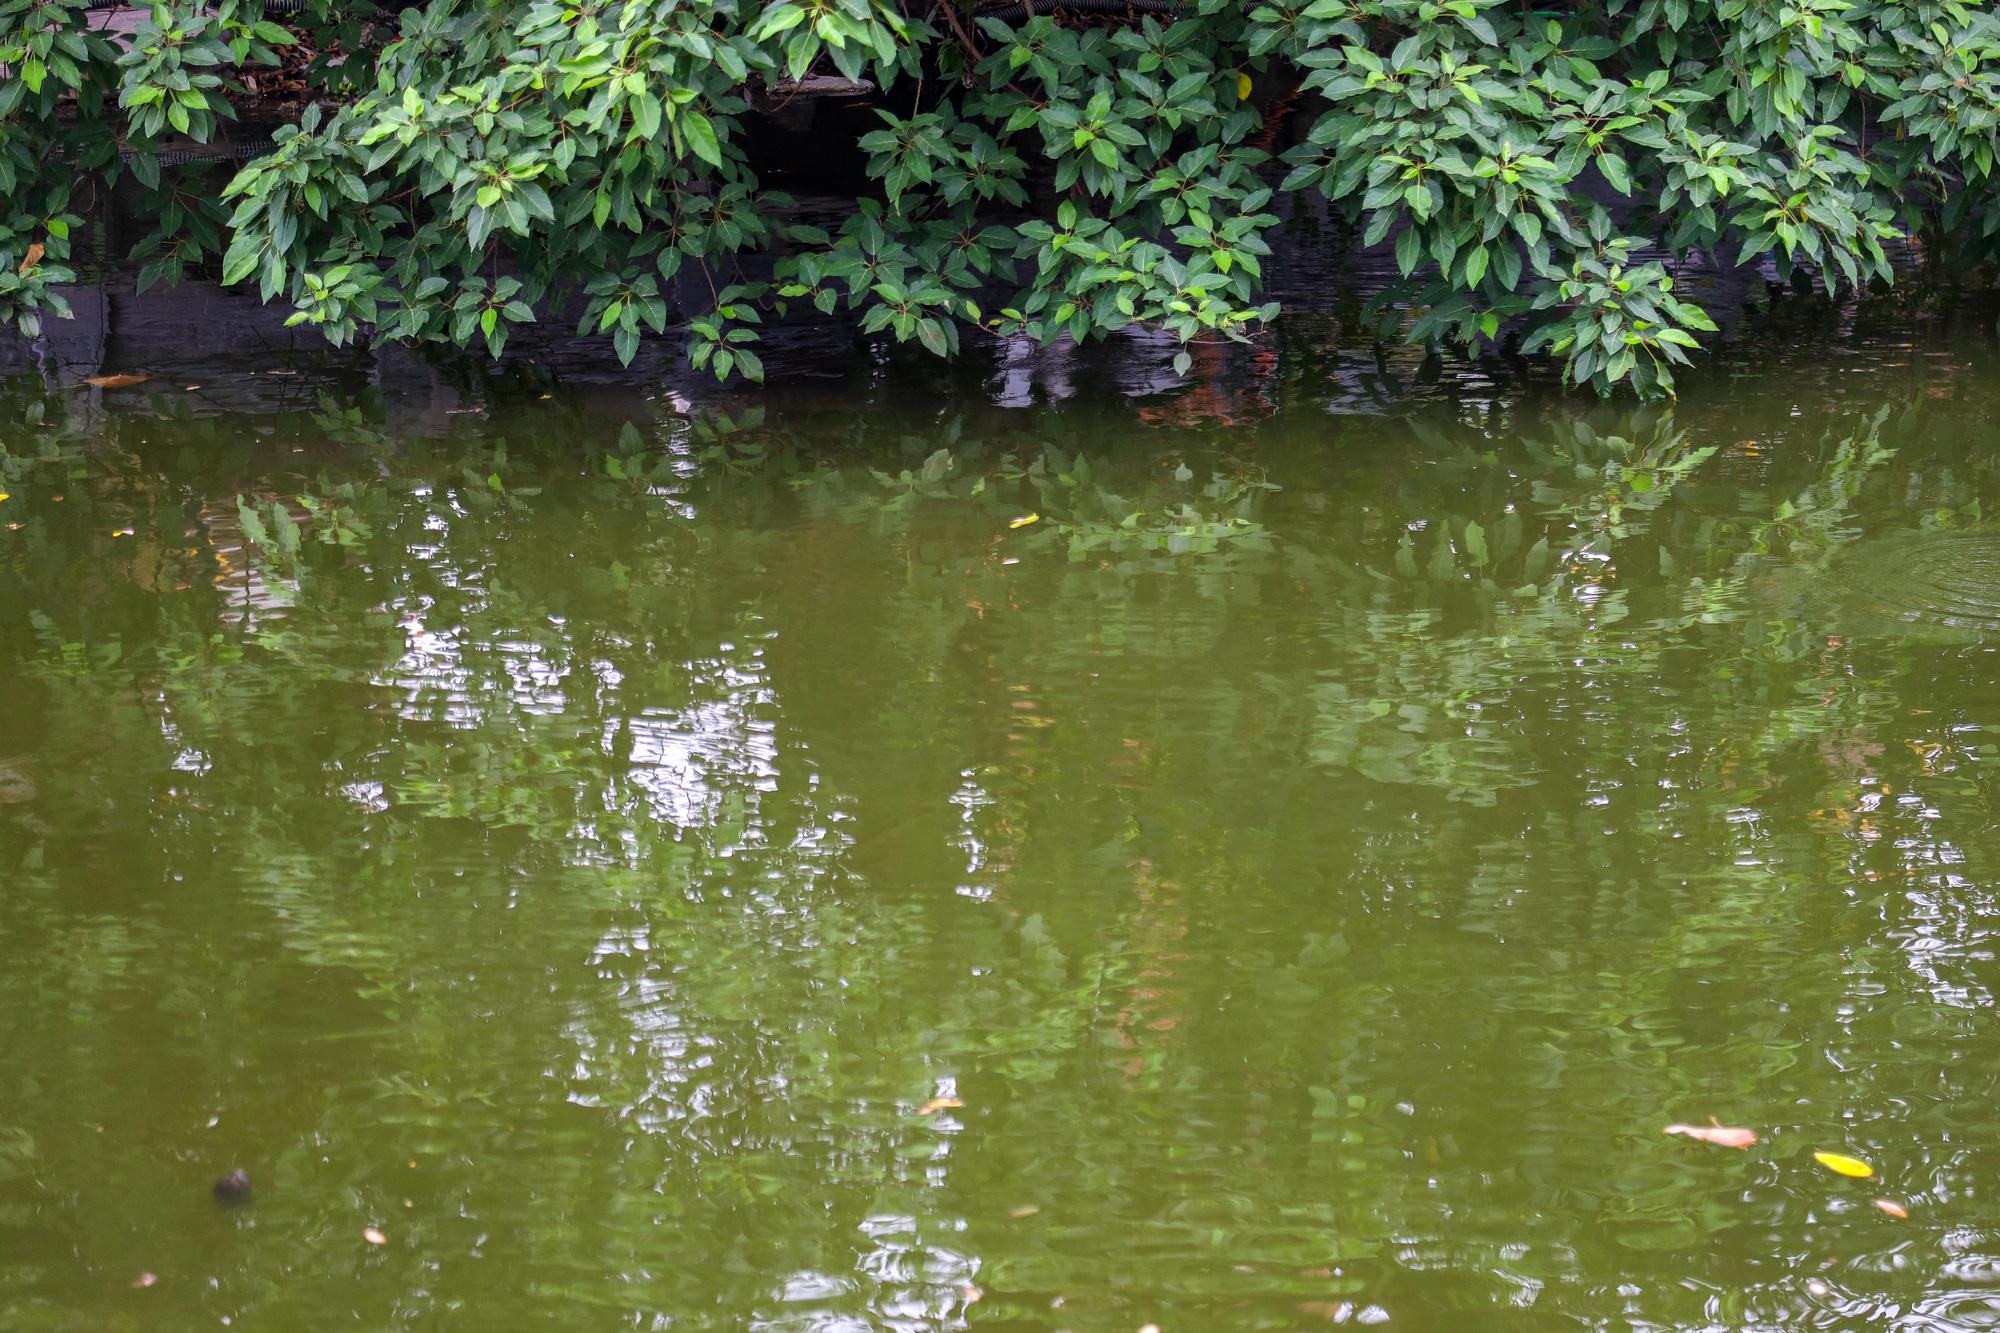 Nước hồ Tây có dấu hiệu ô nhiễm, bất ngờ chuyển màu xanh rêu đậm - Ảnh 3.